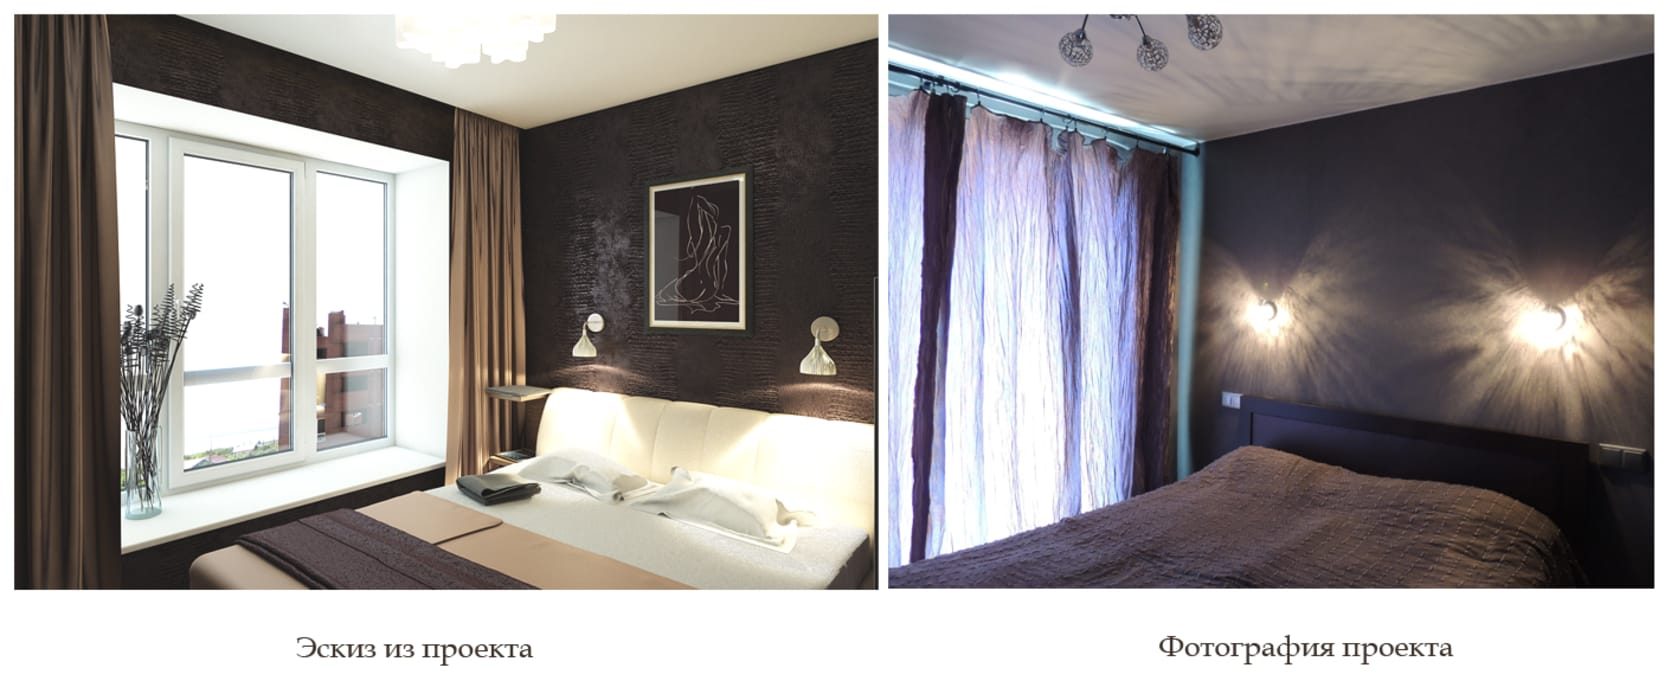 Студия 'Облако-Дизайн' Ausgefallene Schlafzimmer